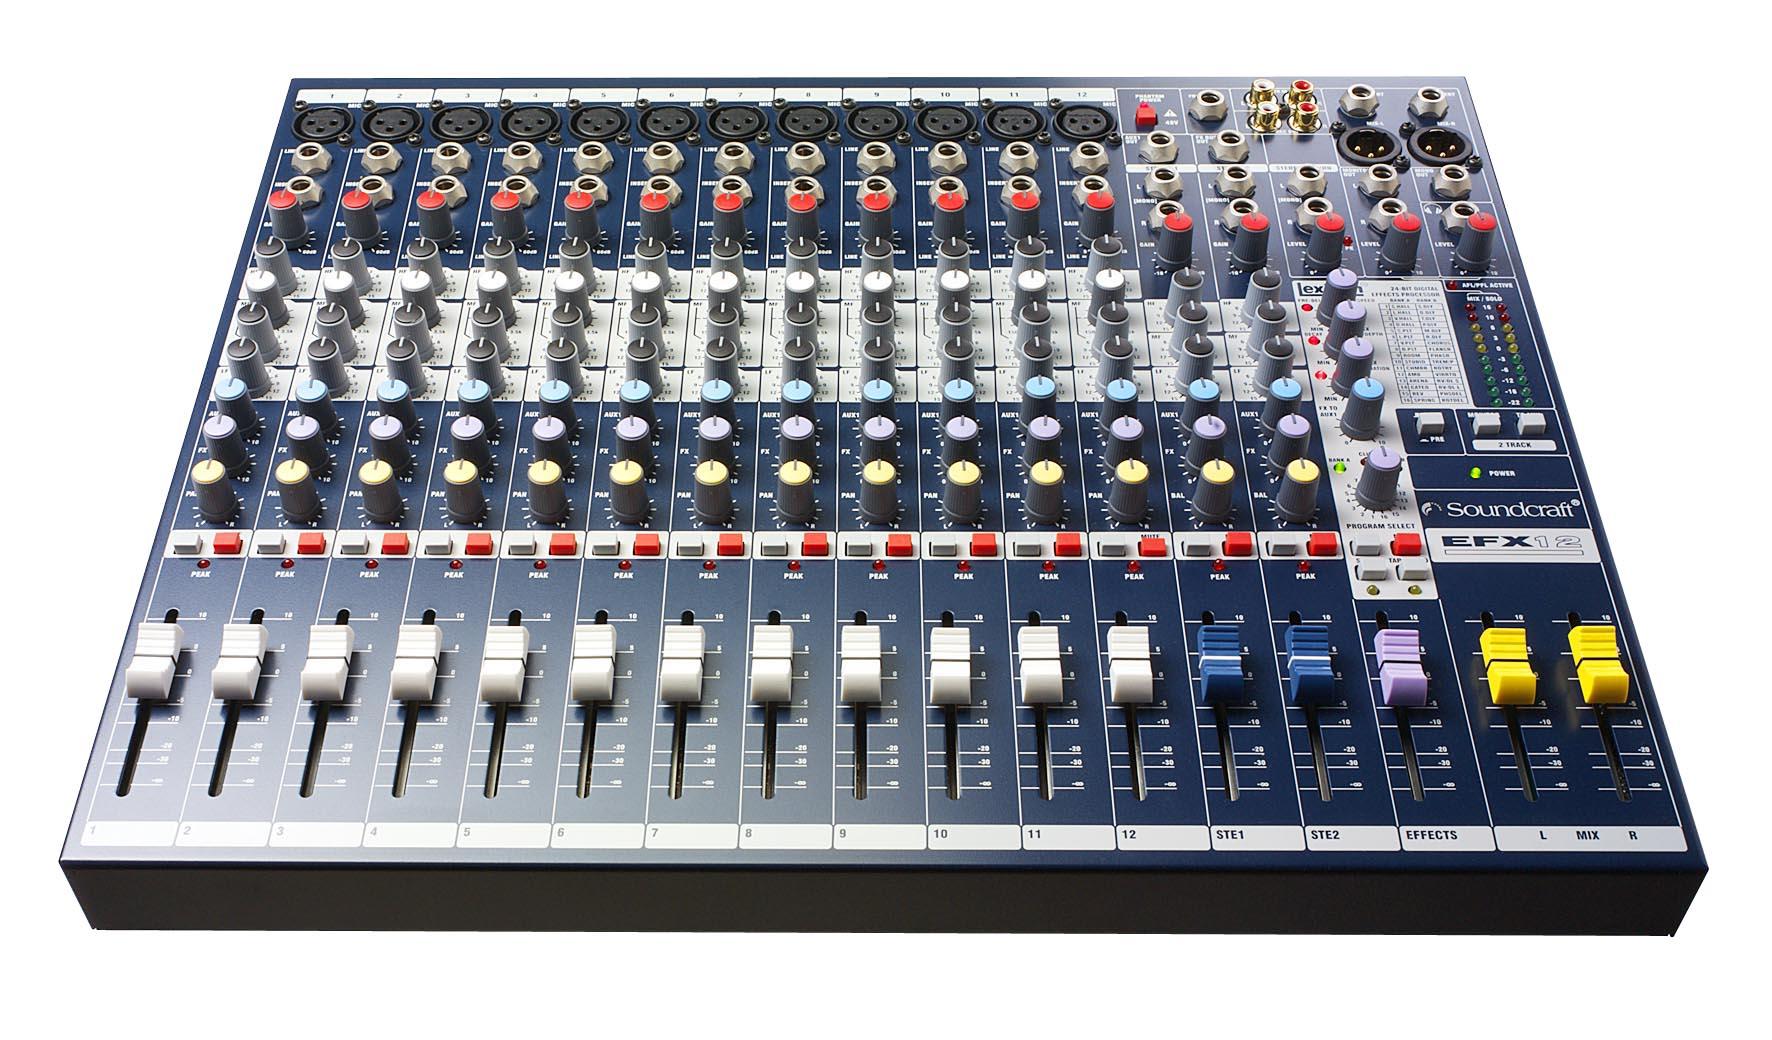 Những chức năng, tính năng cơ bản để chỉnh bàn trộn mixer